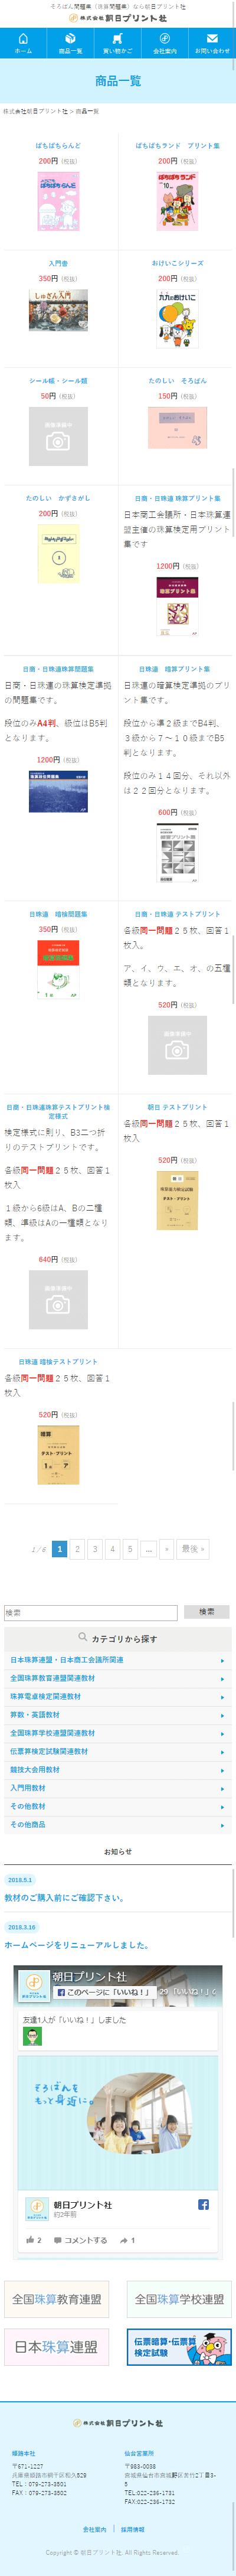 姫路市 朝日プリント社様 ホームページ制作4